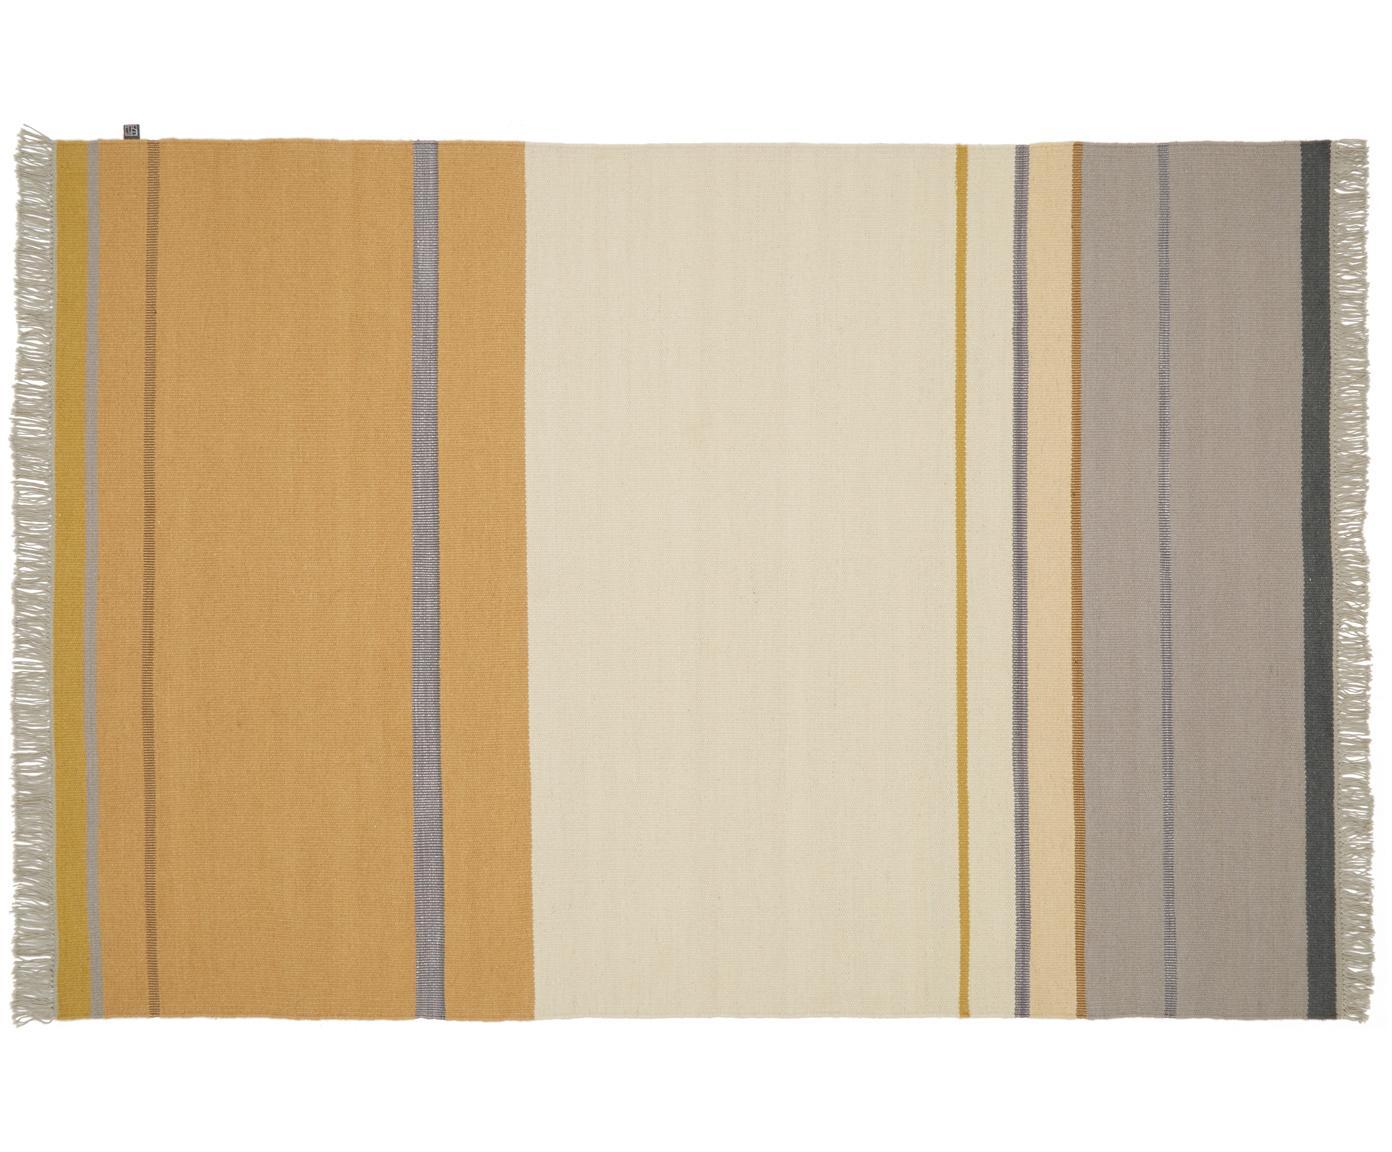 Handgeweven wollen vloerkleed Metallum in beige/geel met franjes, Multicolour, B 140 x L 200 cm (maat S)